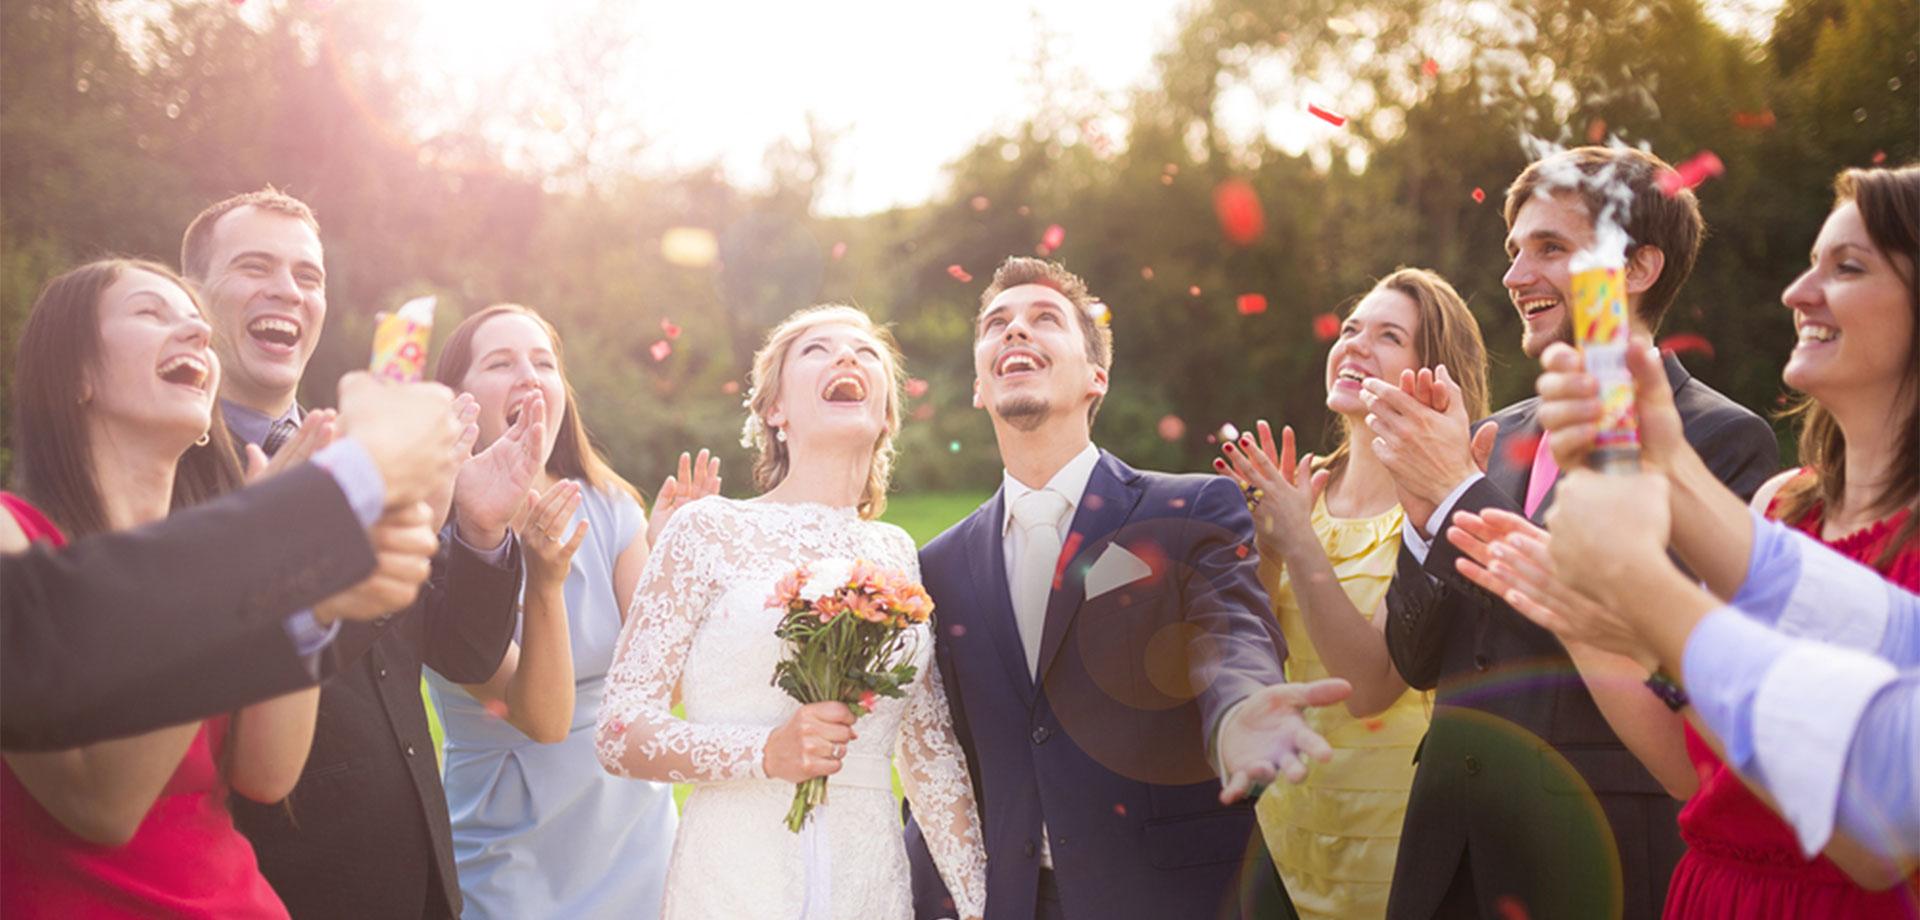 Оригинальное поздравление молодоженов на свадьбе